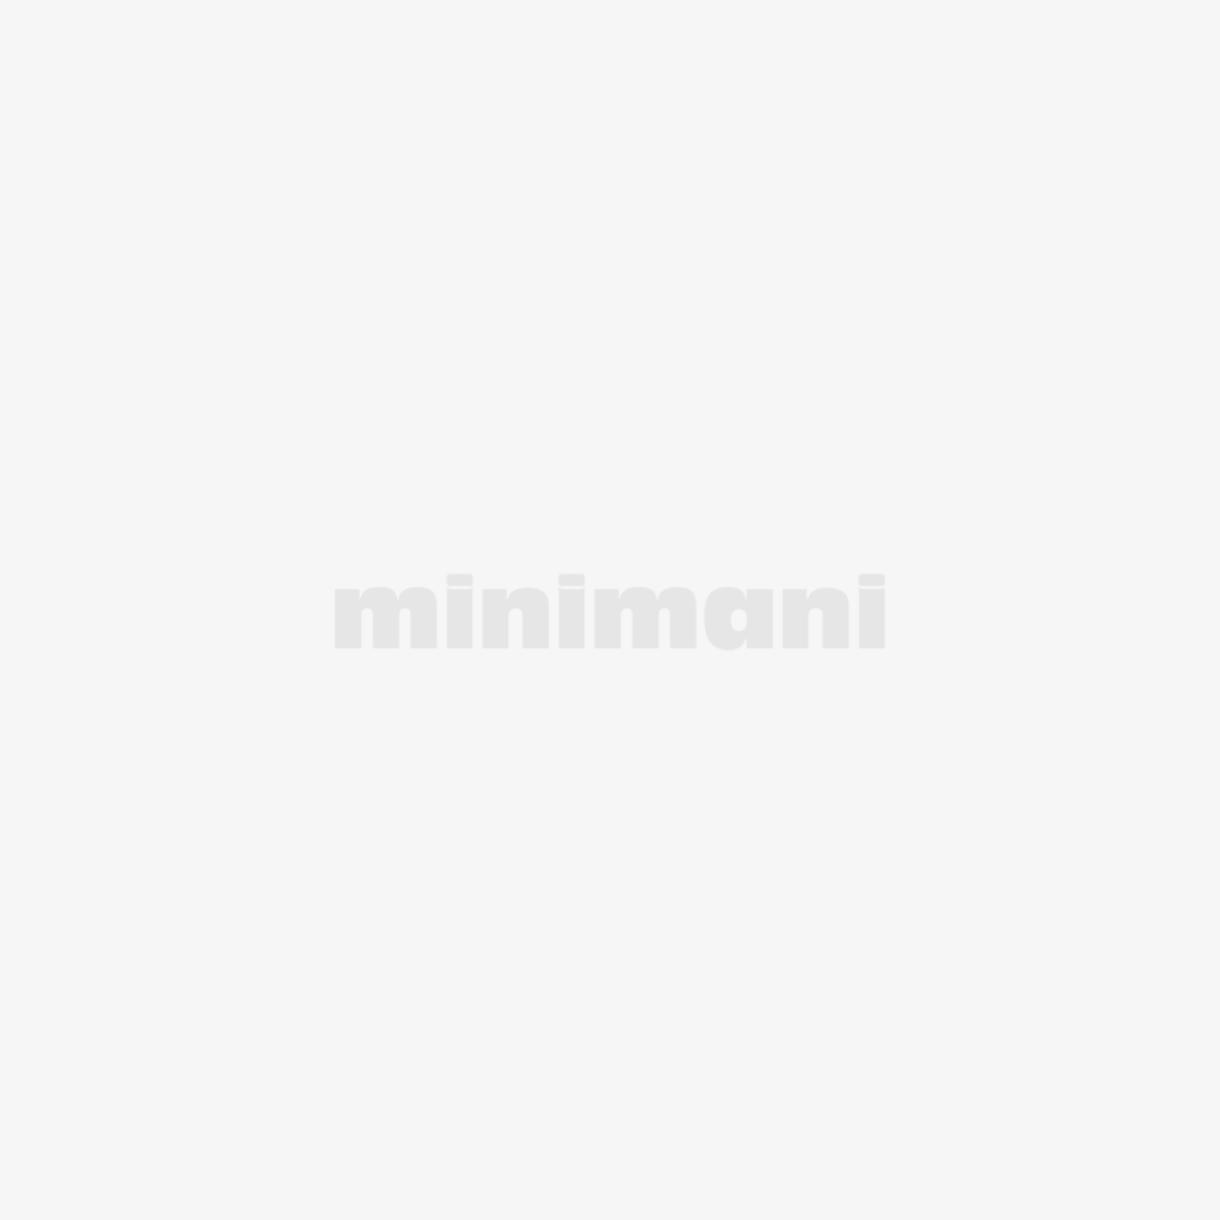 LM 221 SUORAHYLLY 2-TASOA HOPEA